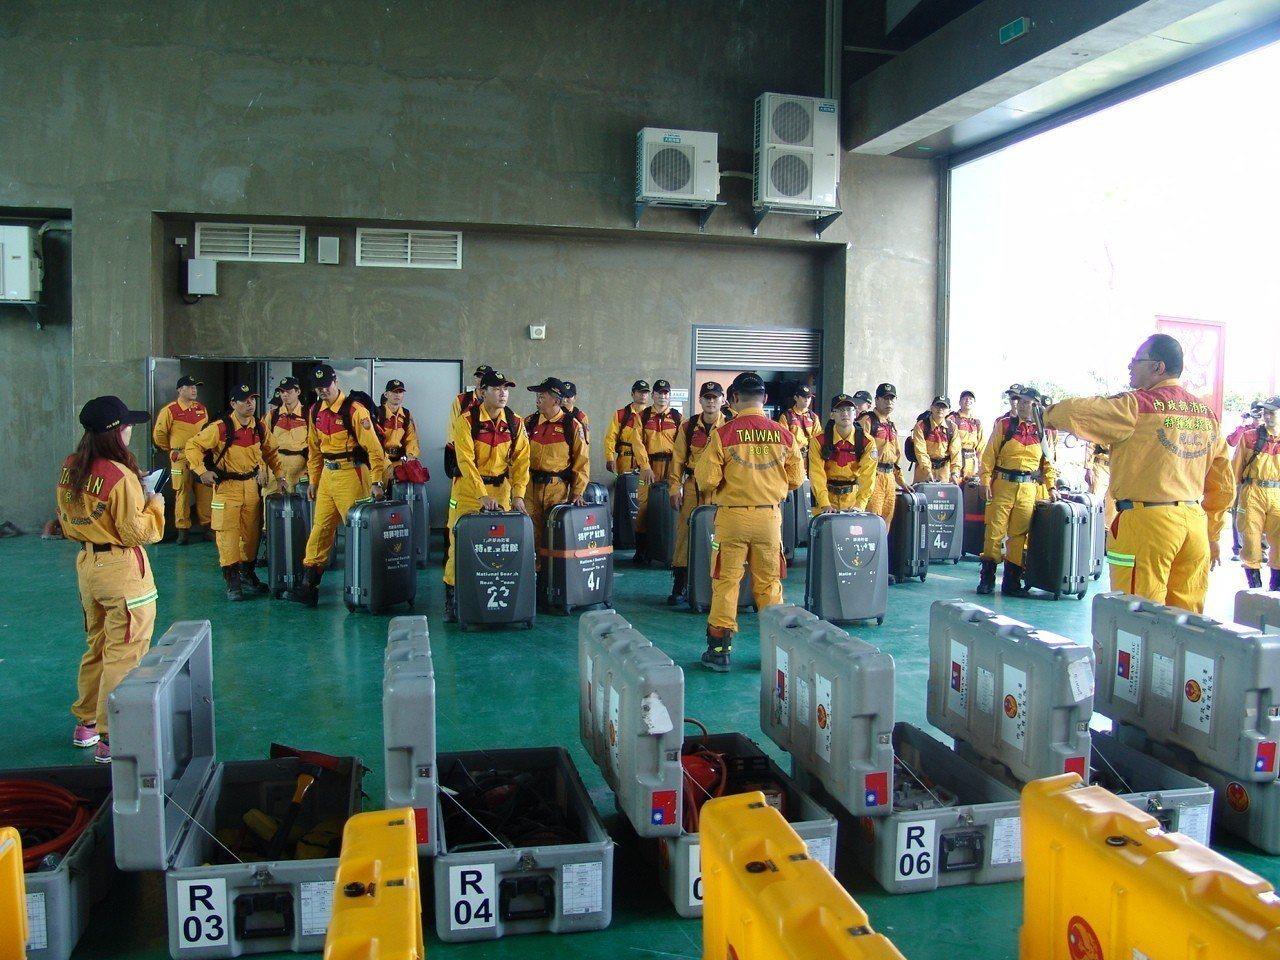 印尼強震,內政部今天表示,已指示消防署特種搜救隊及各地方政府消防局做好隨時前往救...